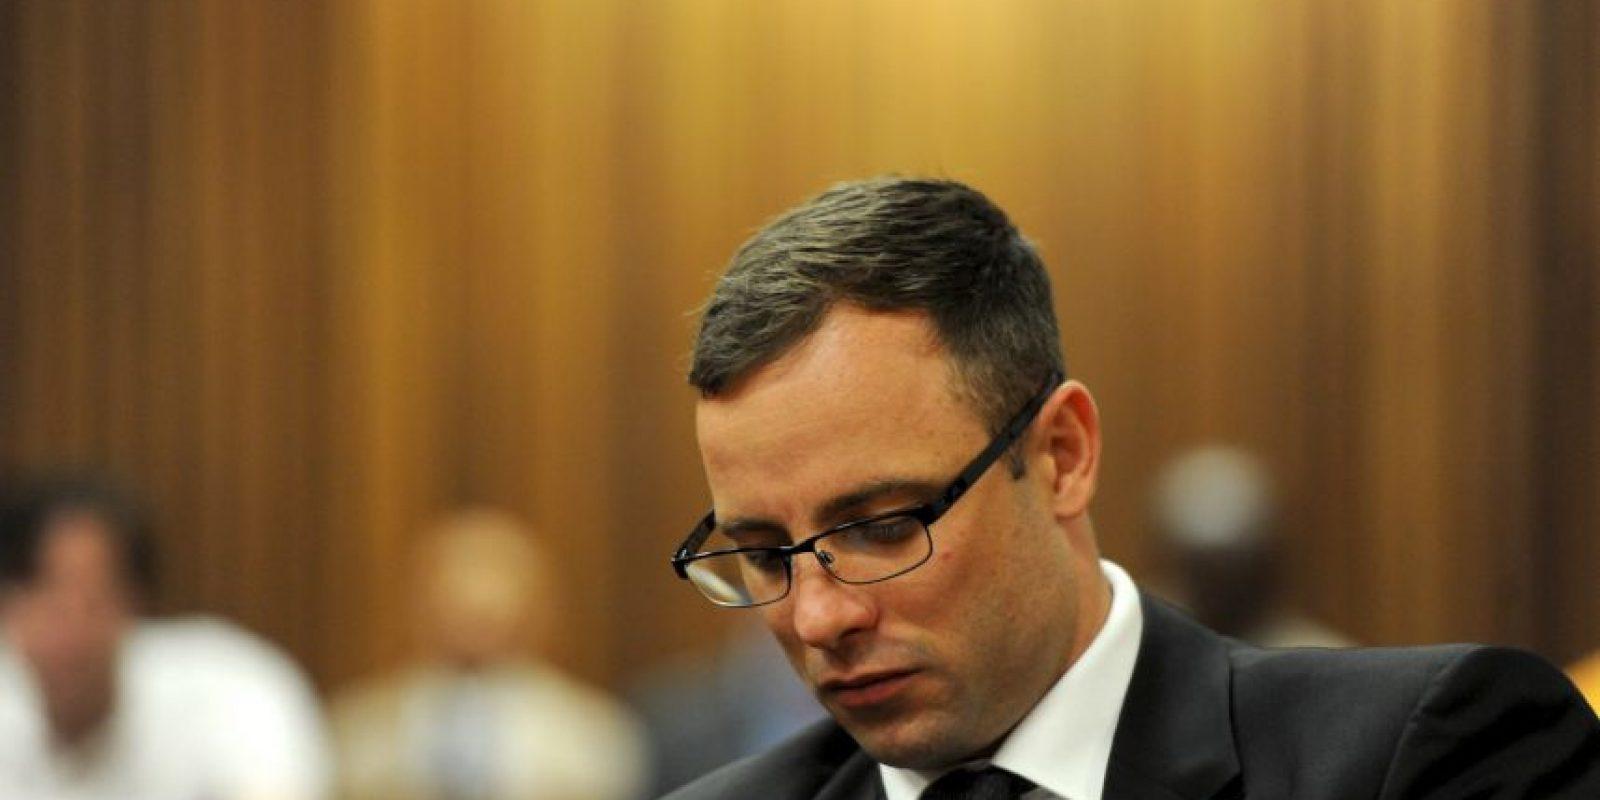 En octubre de 2014, Pistorius fue sentenciado a cinco años de cárcel pues la corte lo halló culpable de homicidio, pero no premeditado. Foto:Getty Images